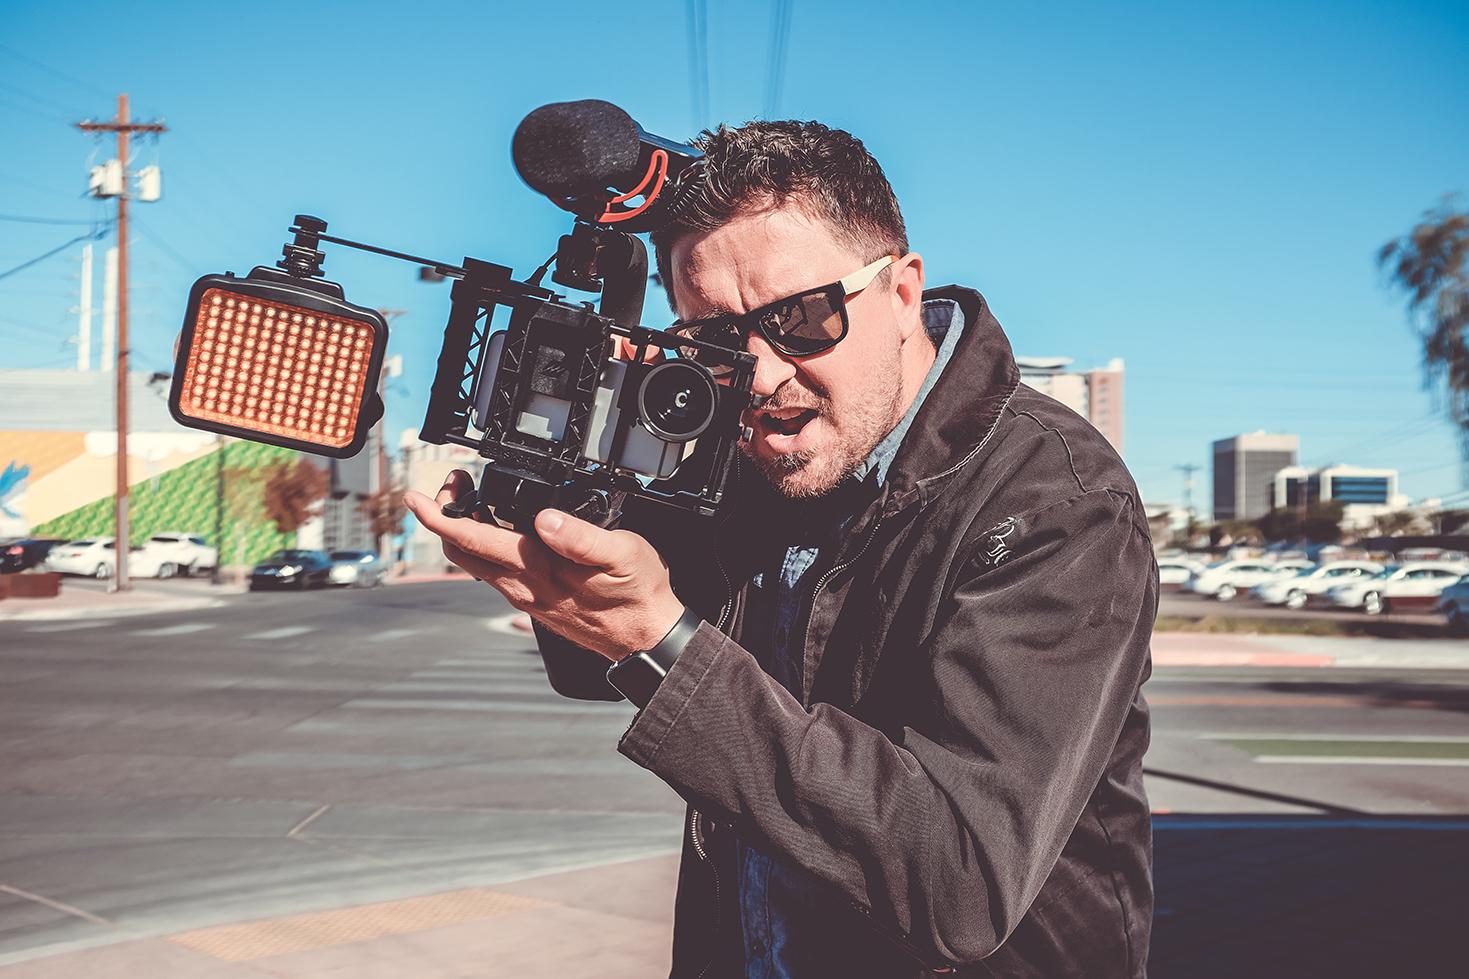 Фриланс видеооператор москва схема работы удаленного бухгалтера